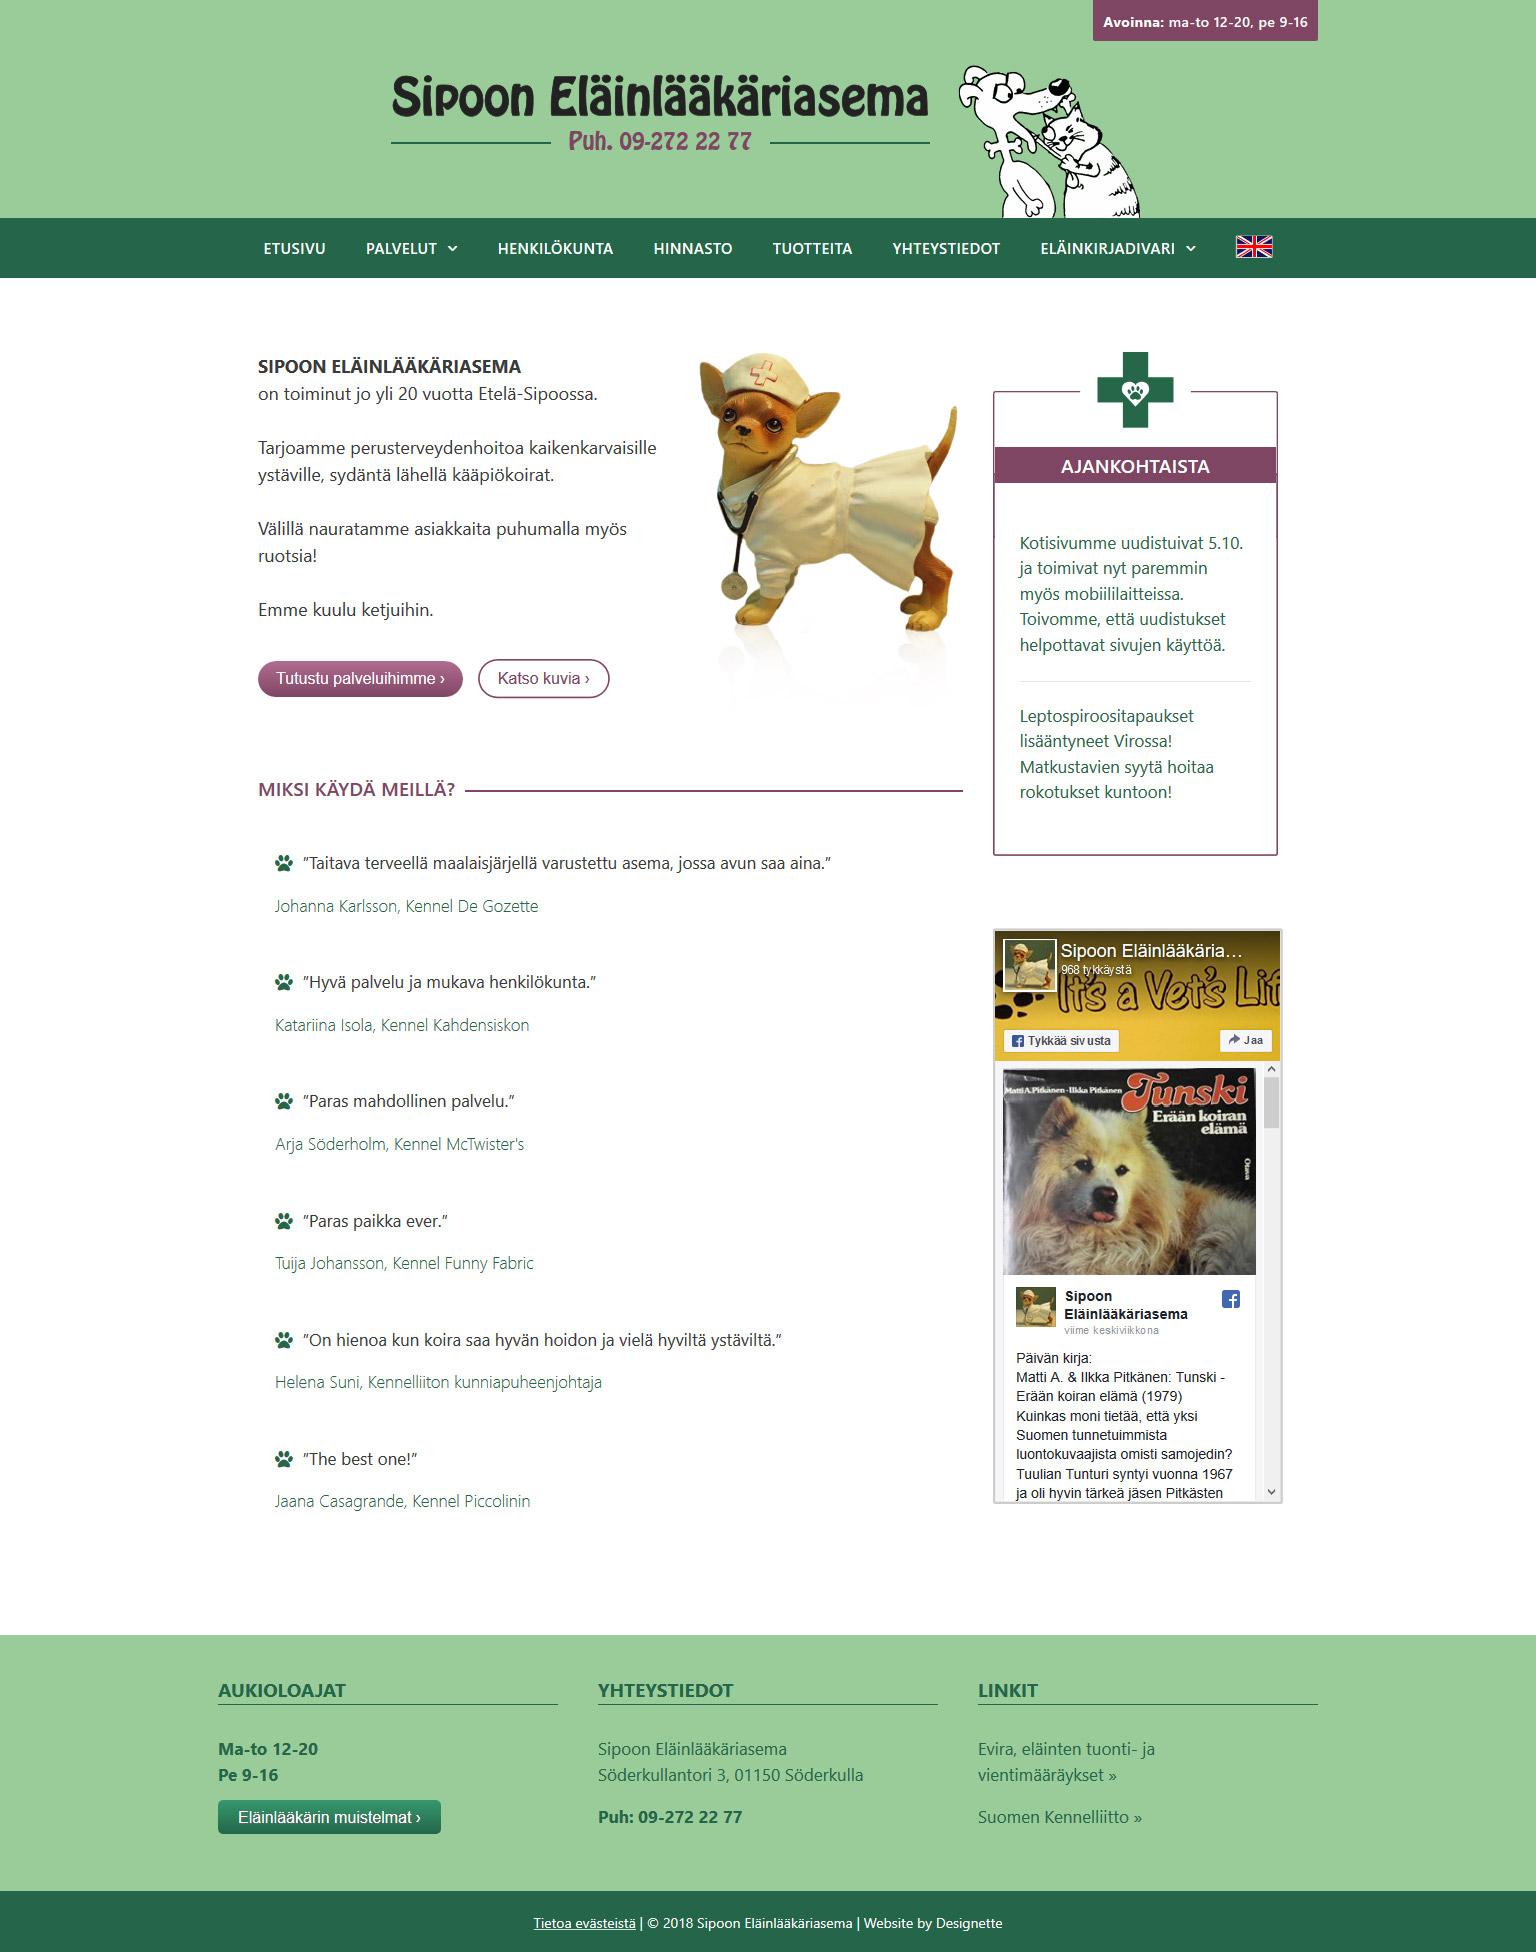 Sipoon Eläinlääkäriasema